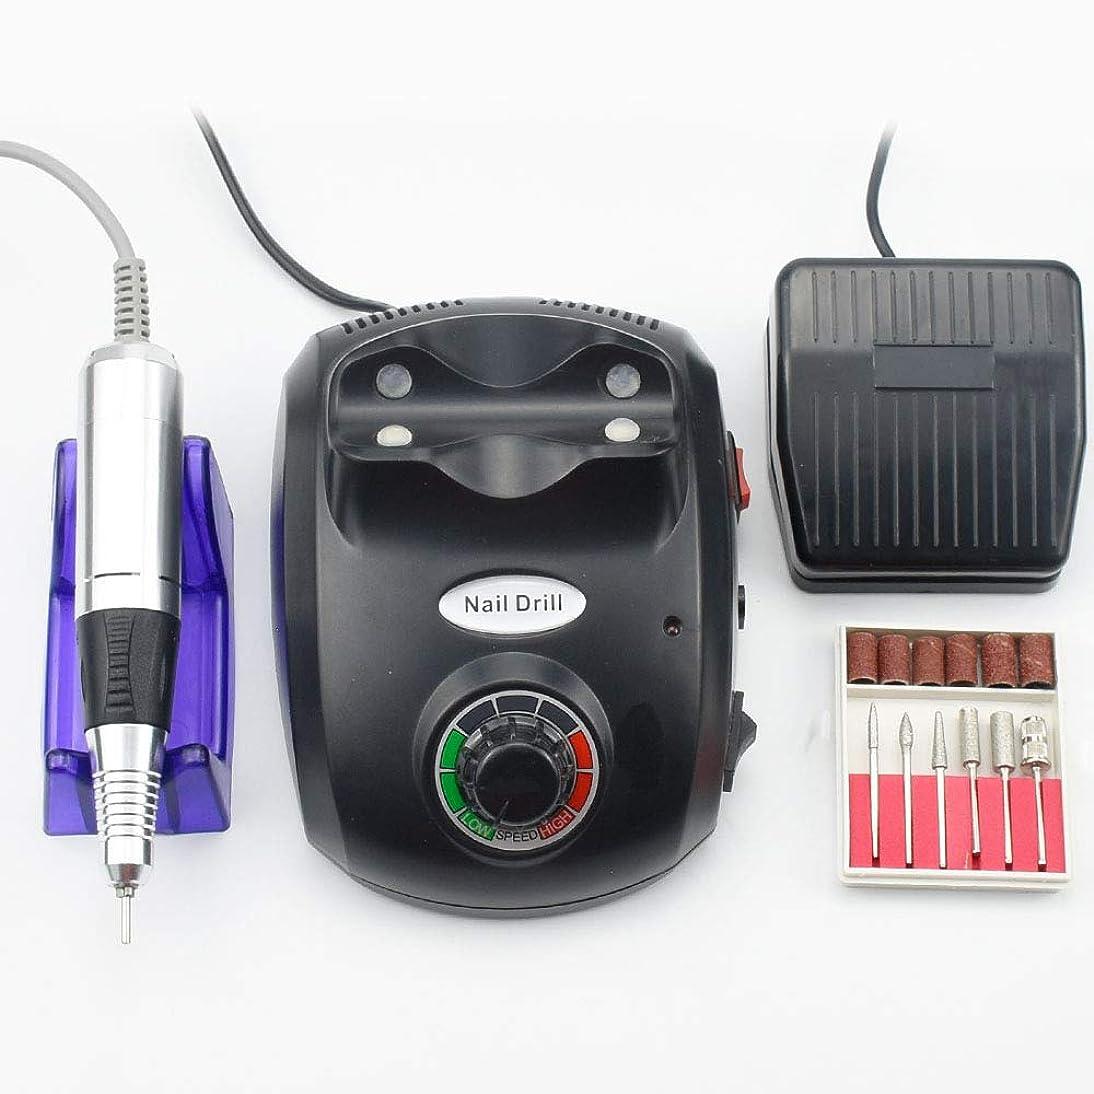 コンピューターを使用するミッションハンディ35000RPMネイルドリル電動マニキュア機ネイルアートマシン機器機器ネイルアート用電動ネイルファイルカッター